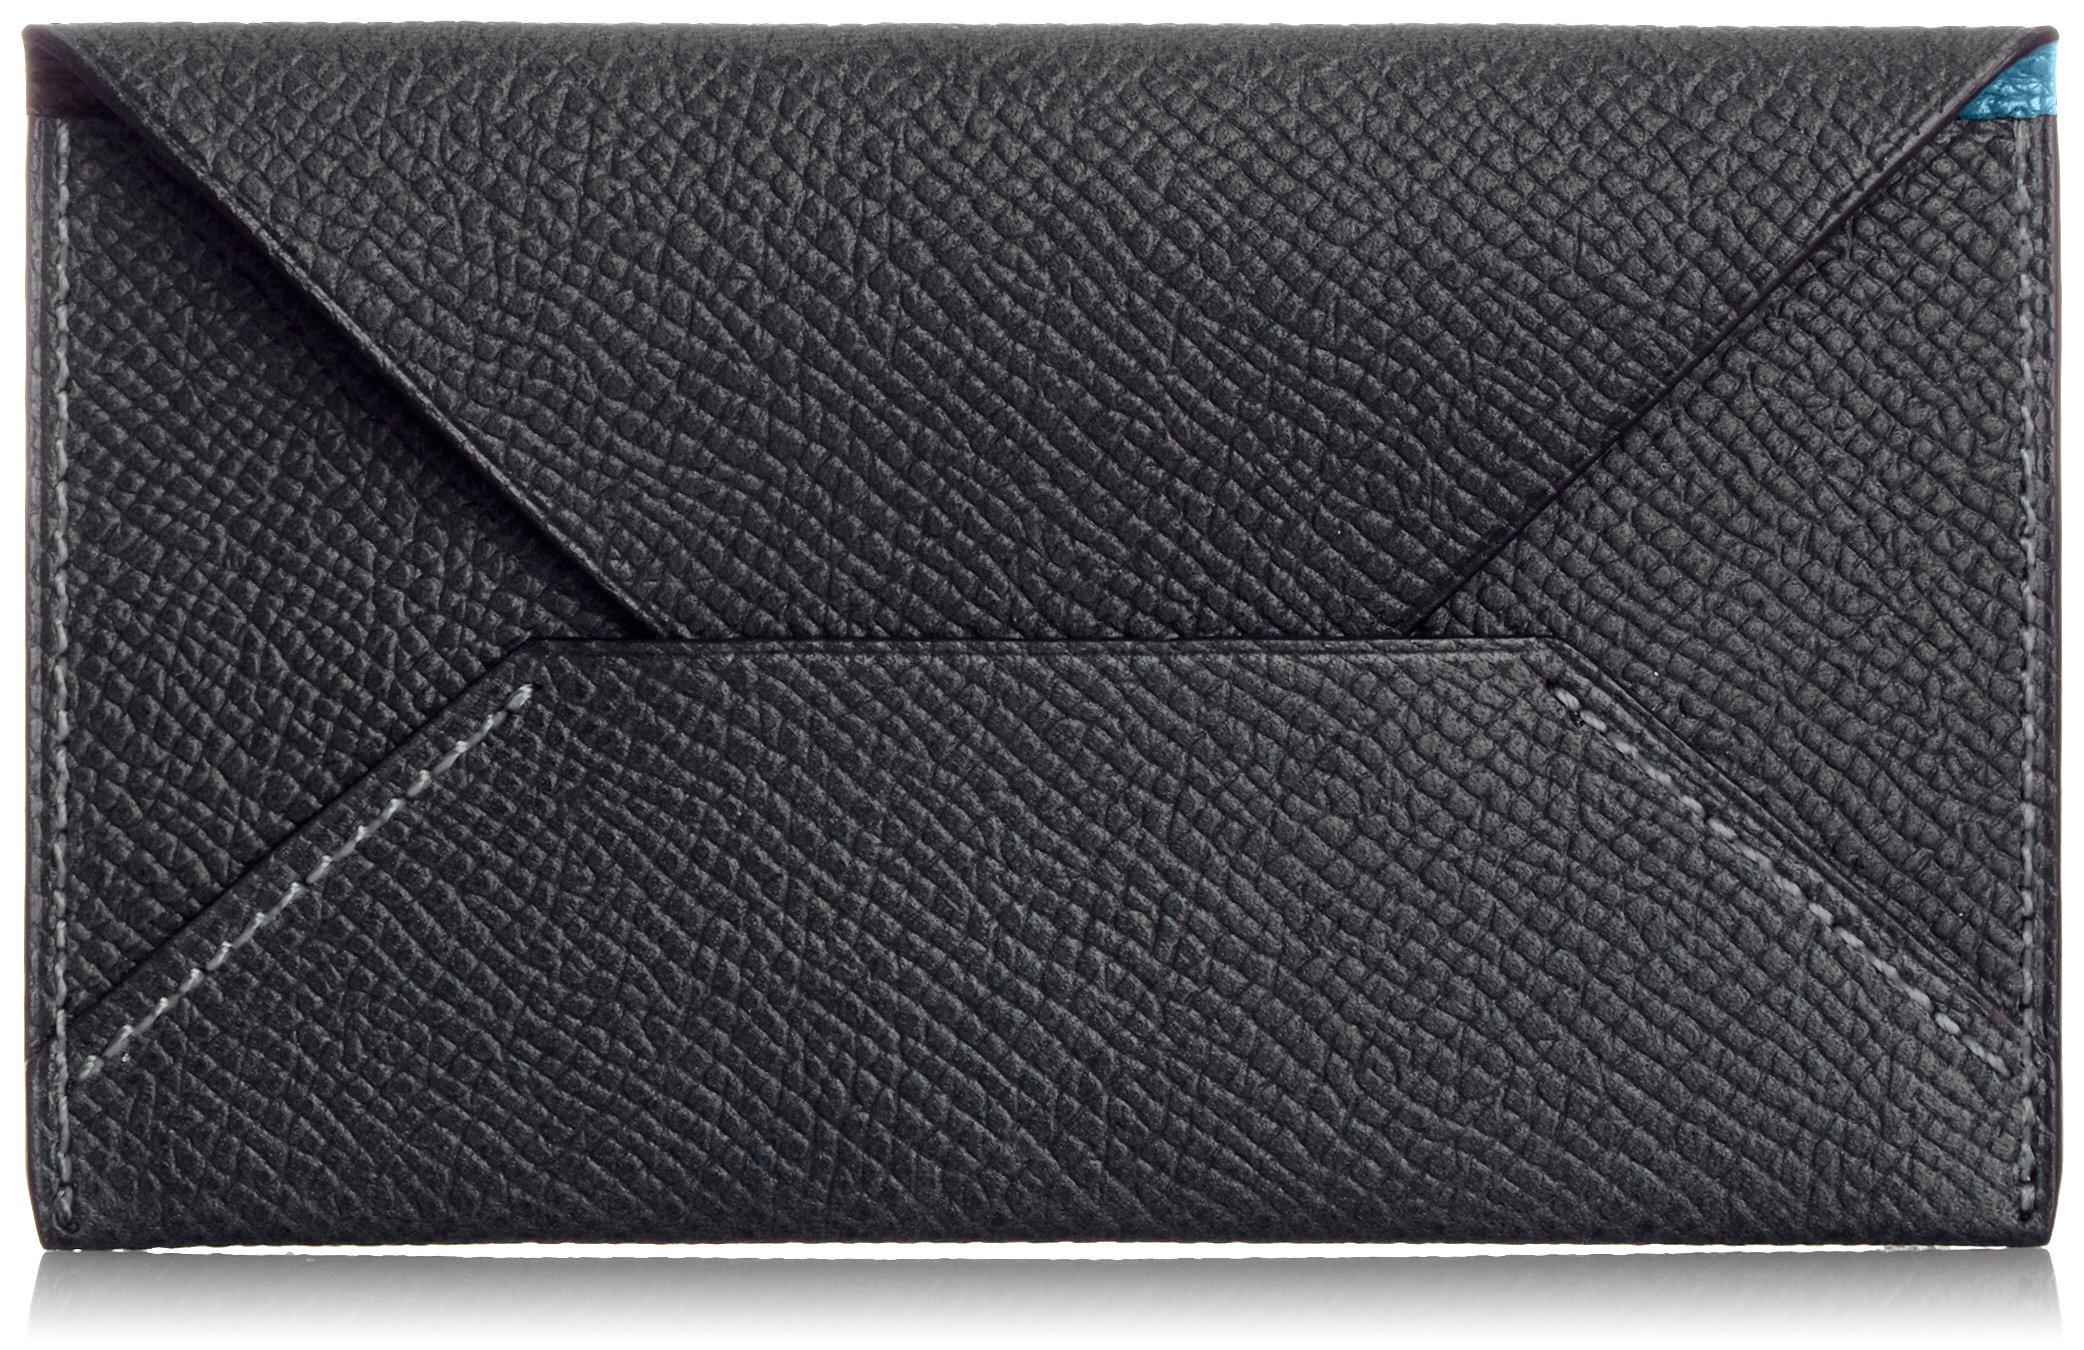 MAISON de HIROAN Leather Business card case Made in Japan 21556 Black/Blue by MAISON de HIROAN